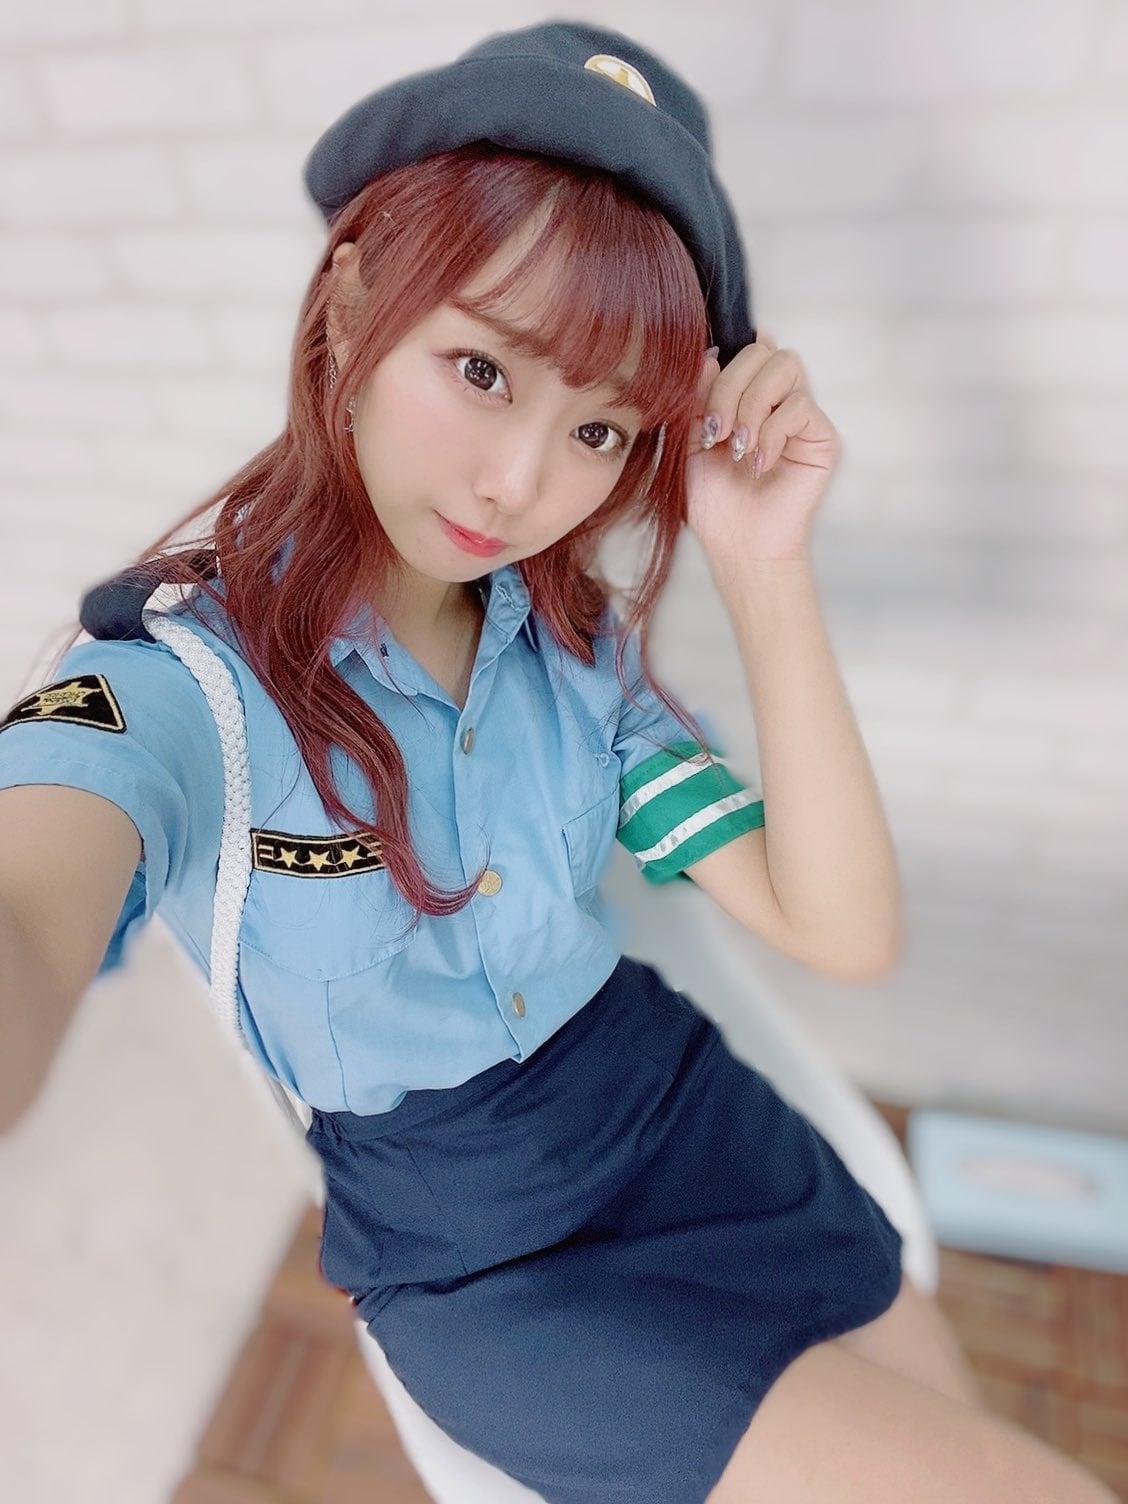 元NMB48肥川彩愛「ミニスカのポリス姿で美脚チラ」ぜひ逮捕されたい…【画像2枚】の画像002